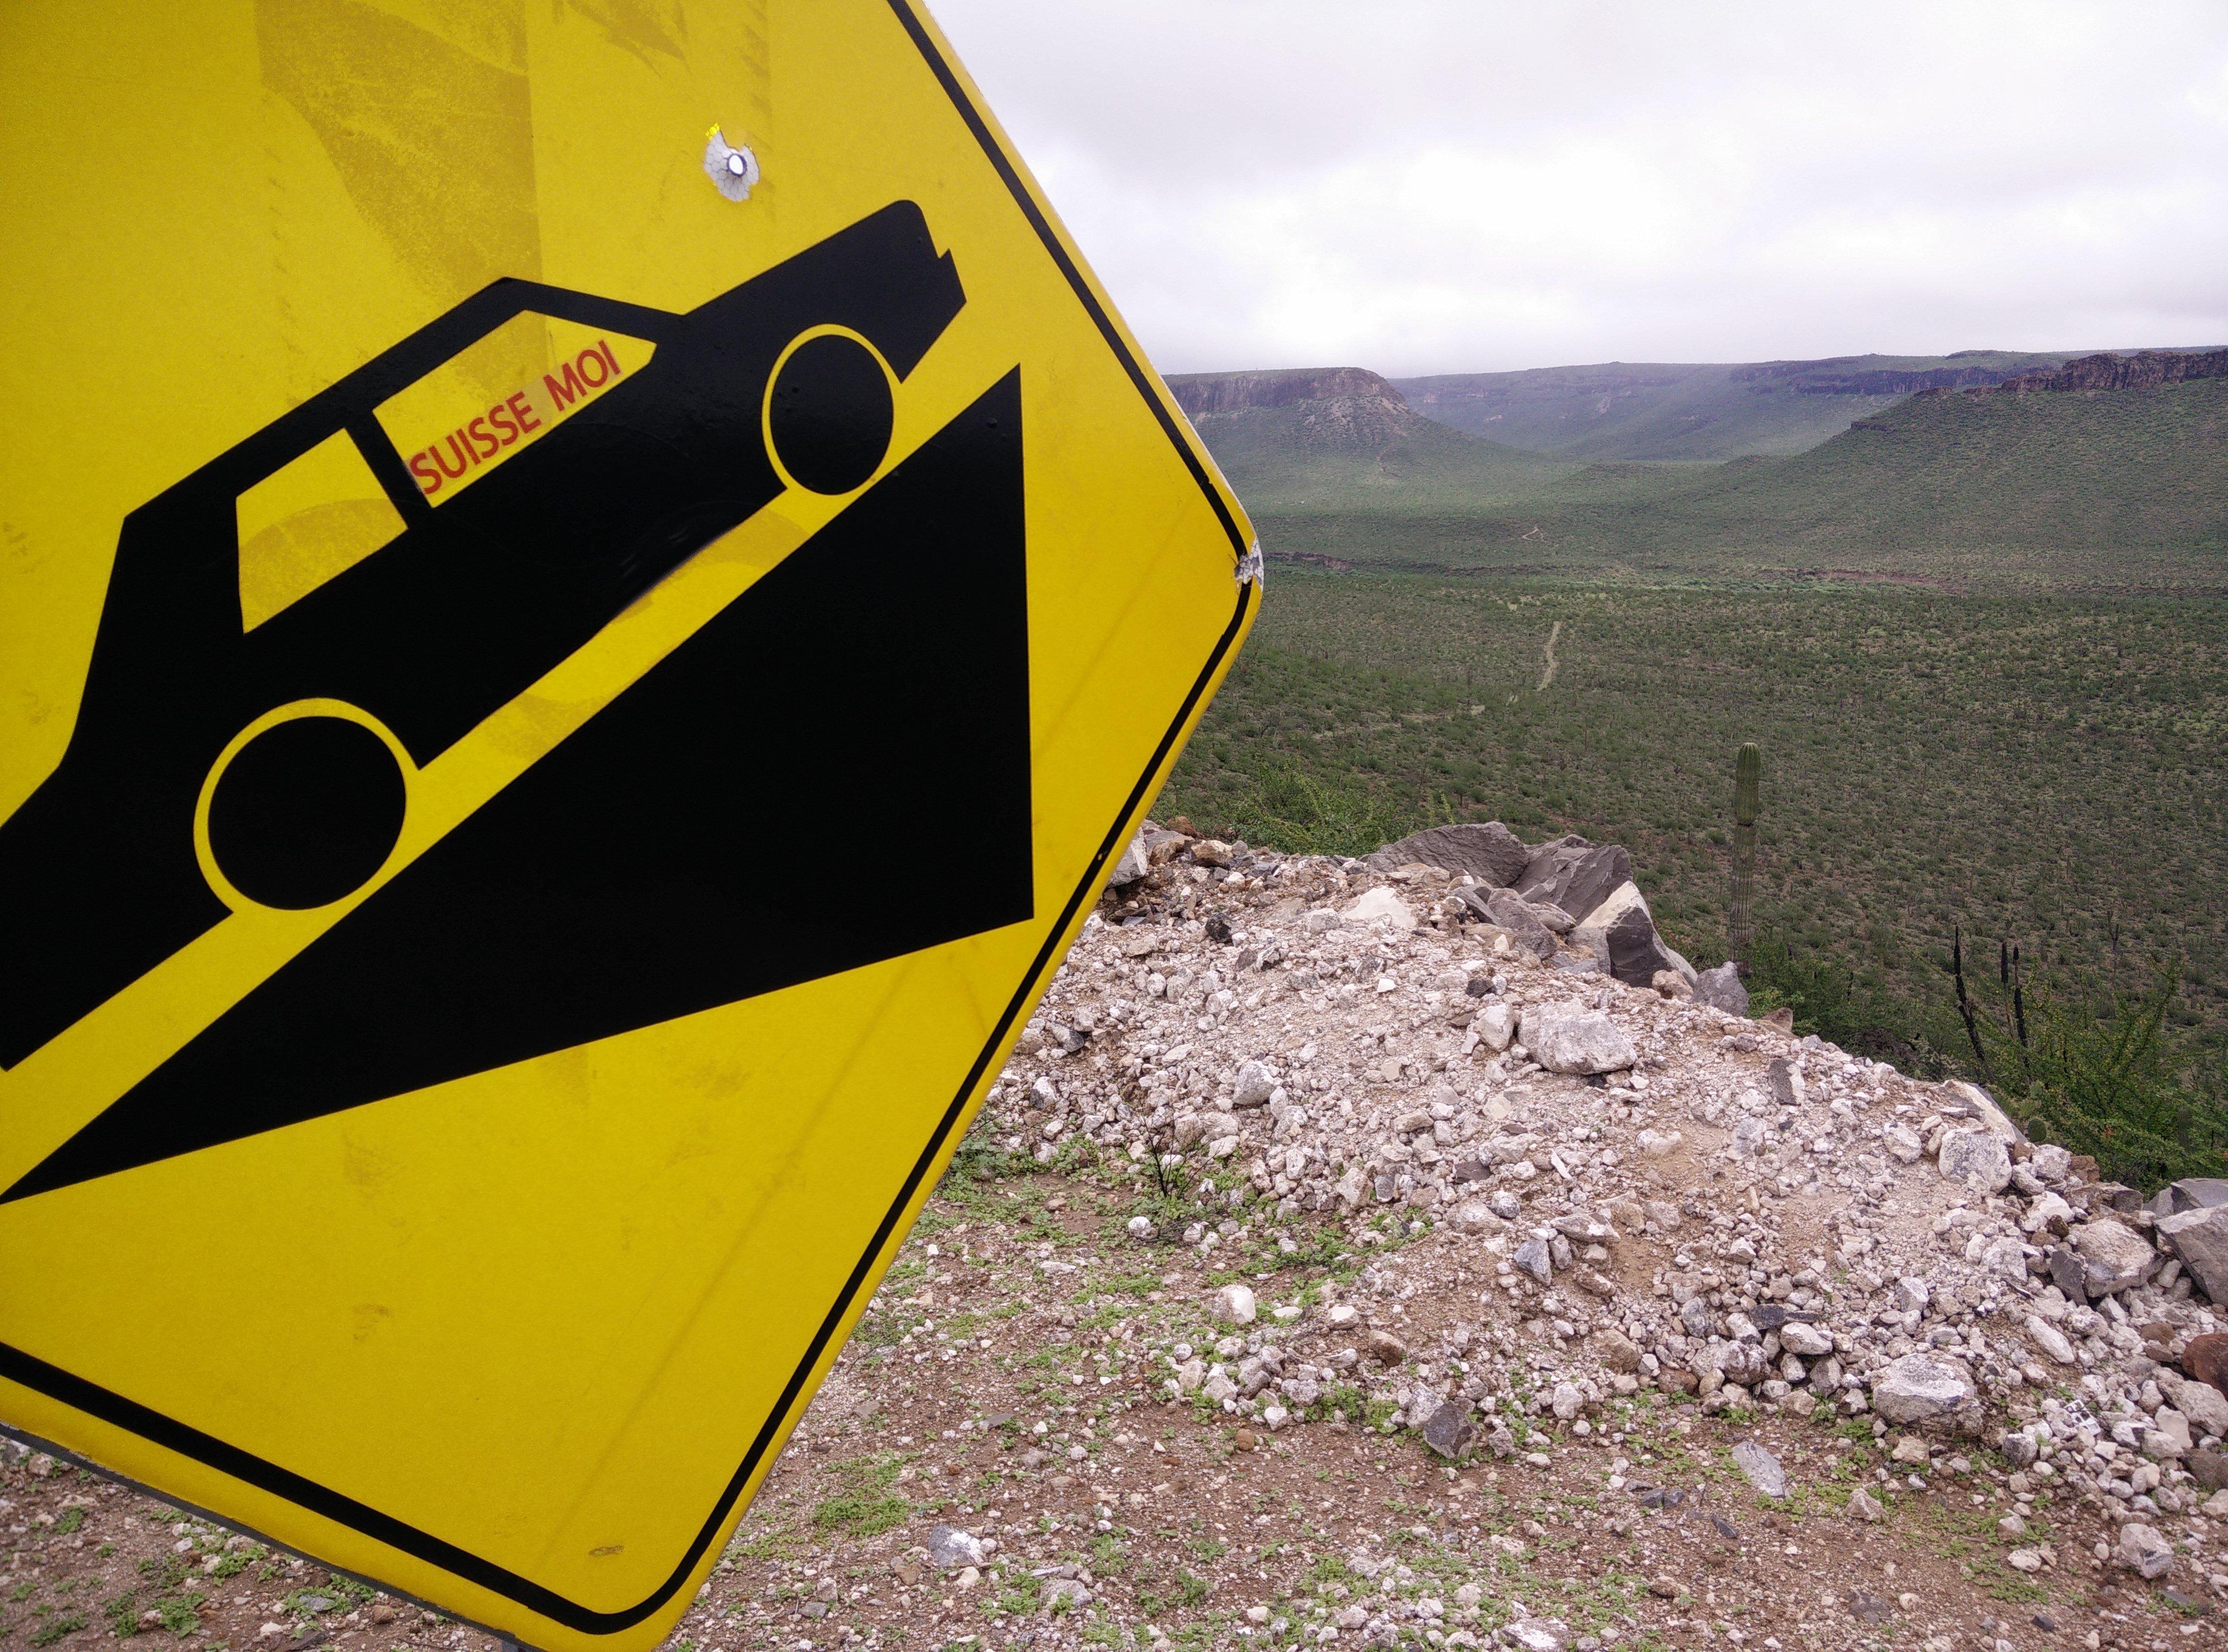 Panneau routier - 10 conseils essentiels pour un roadtrip au Mexique - Nomad Junkies